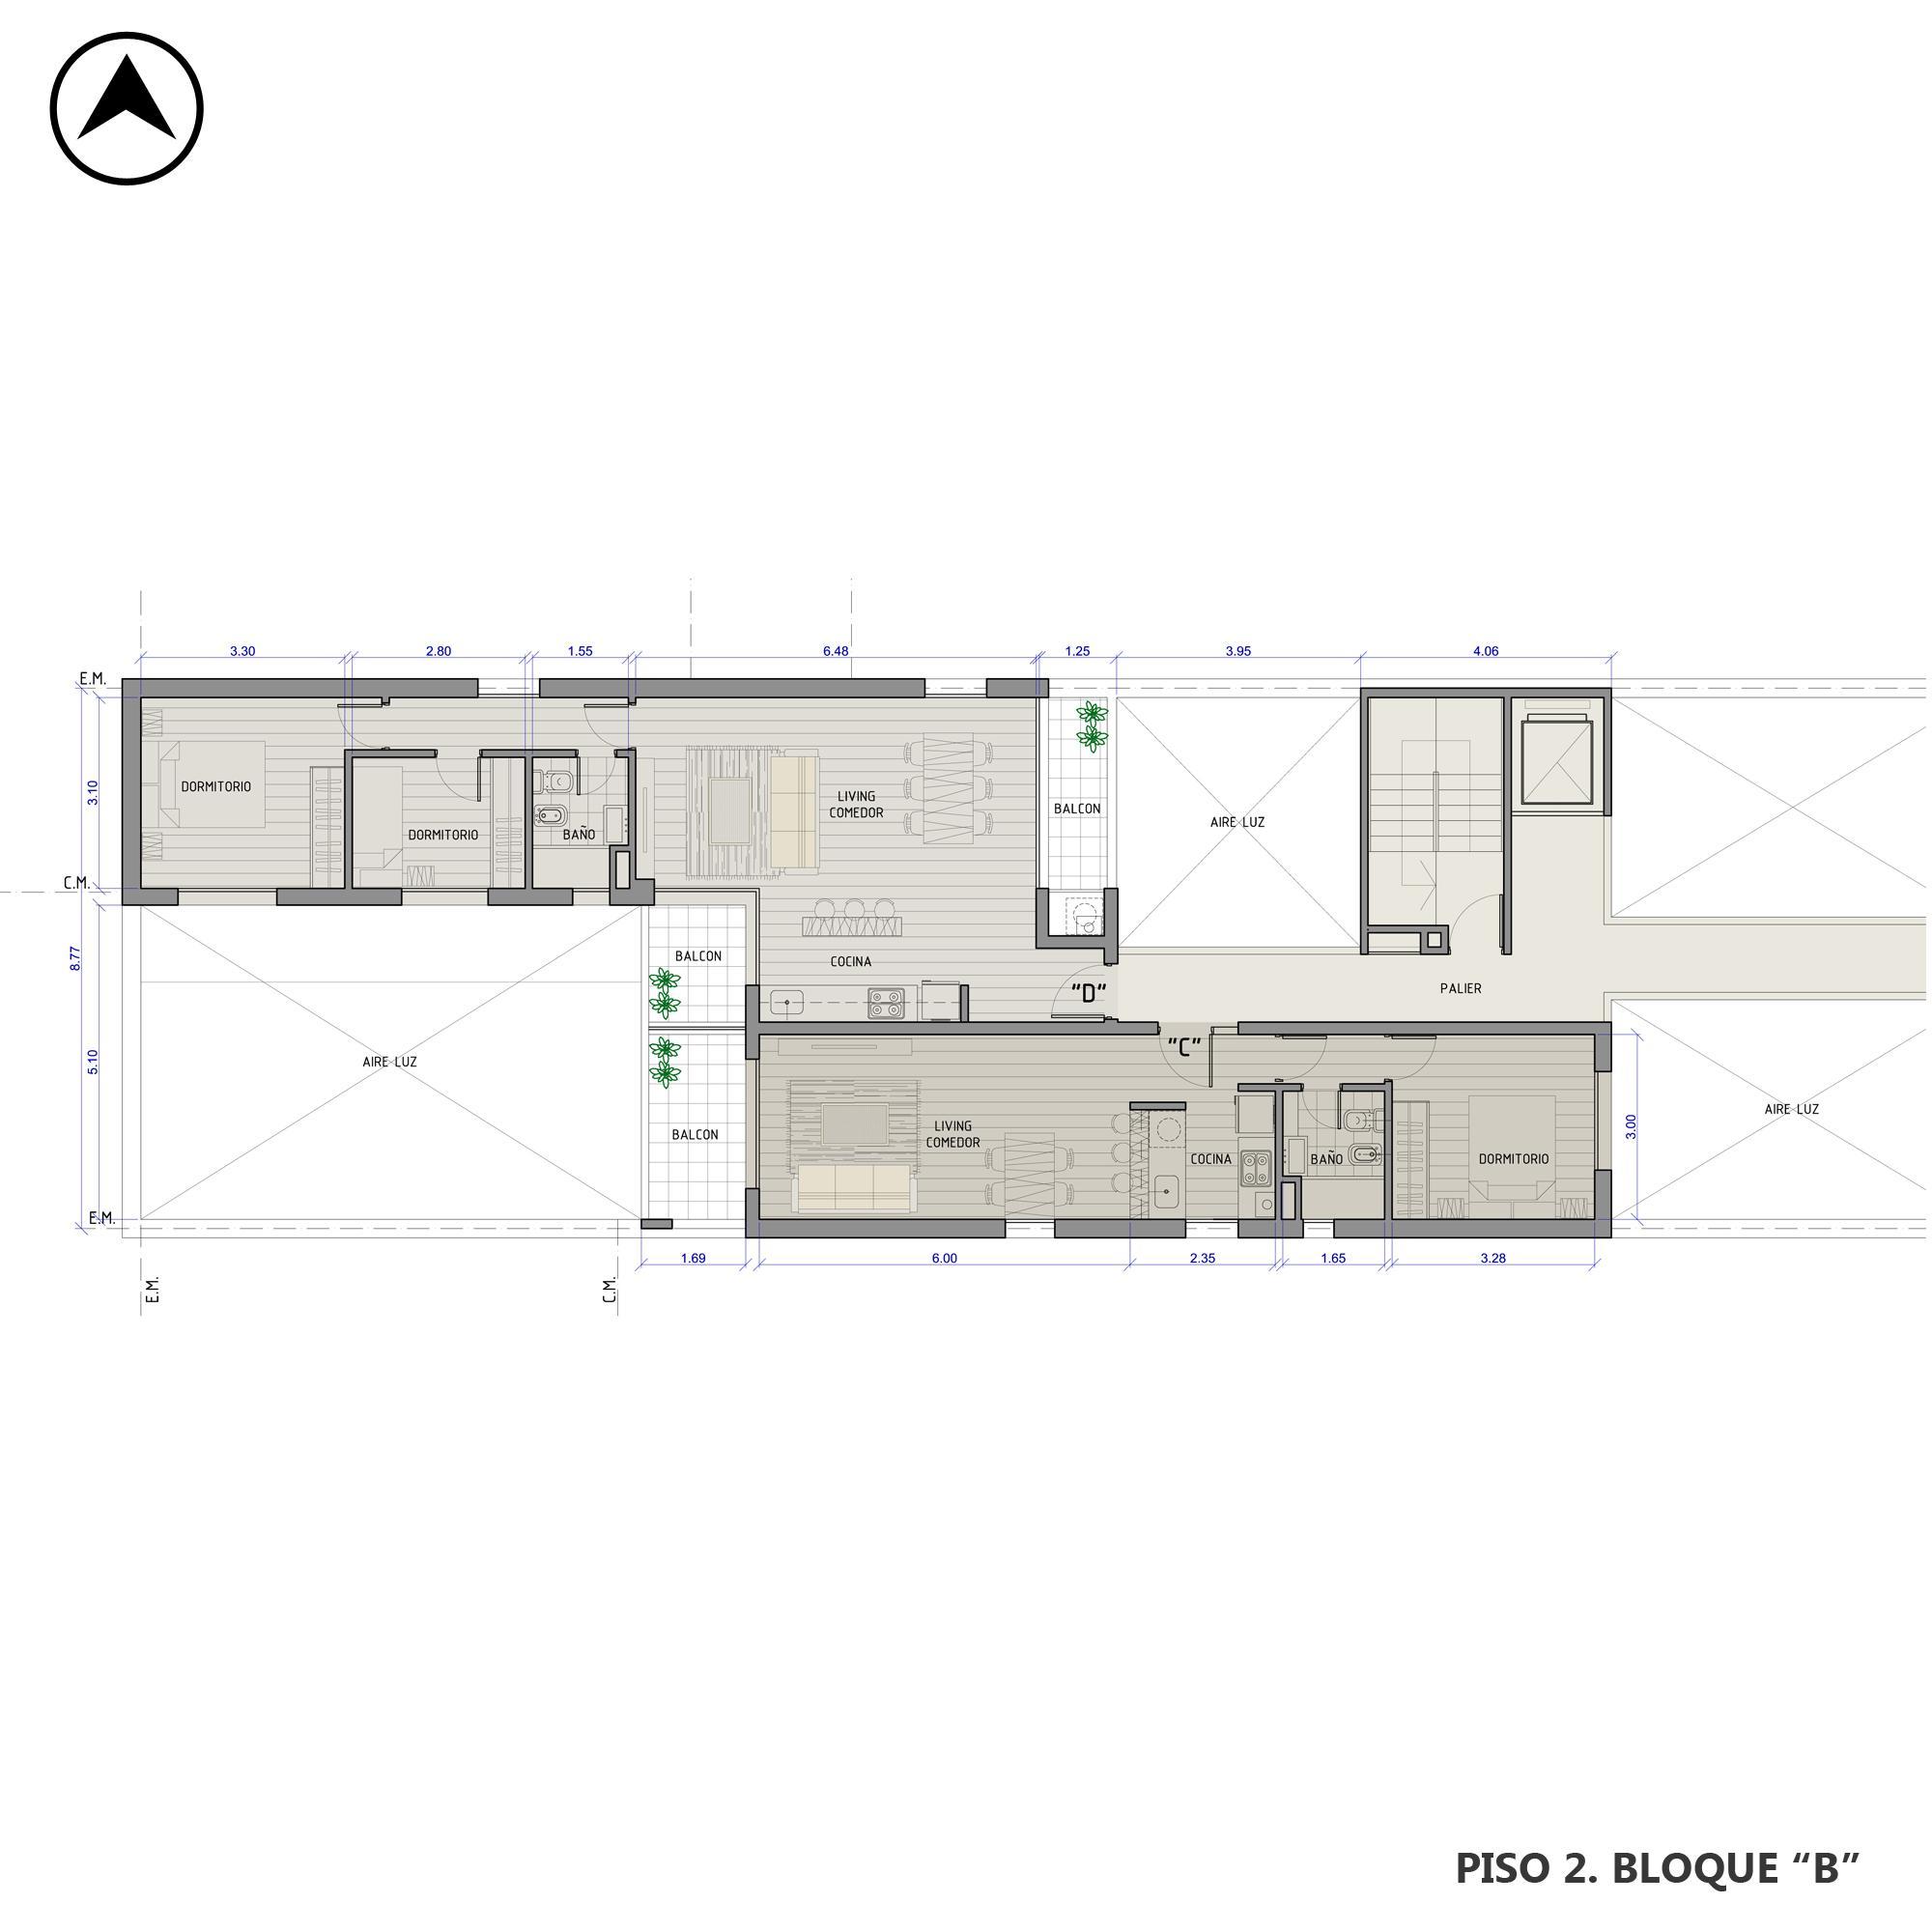 Venta departamento 1 dormitorio Rosario, Pichincha. Cod CBU22424 AP2157251. Crestale Propiedades